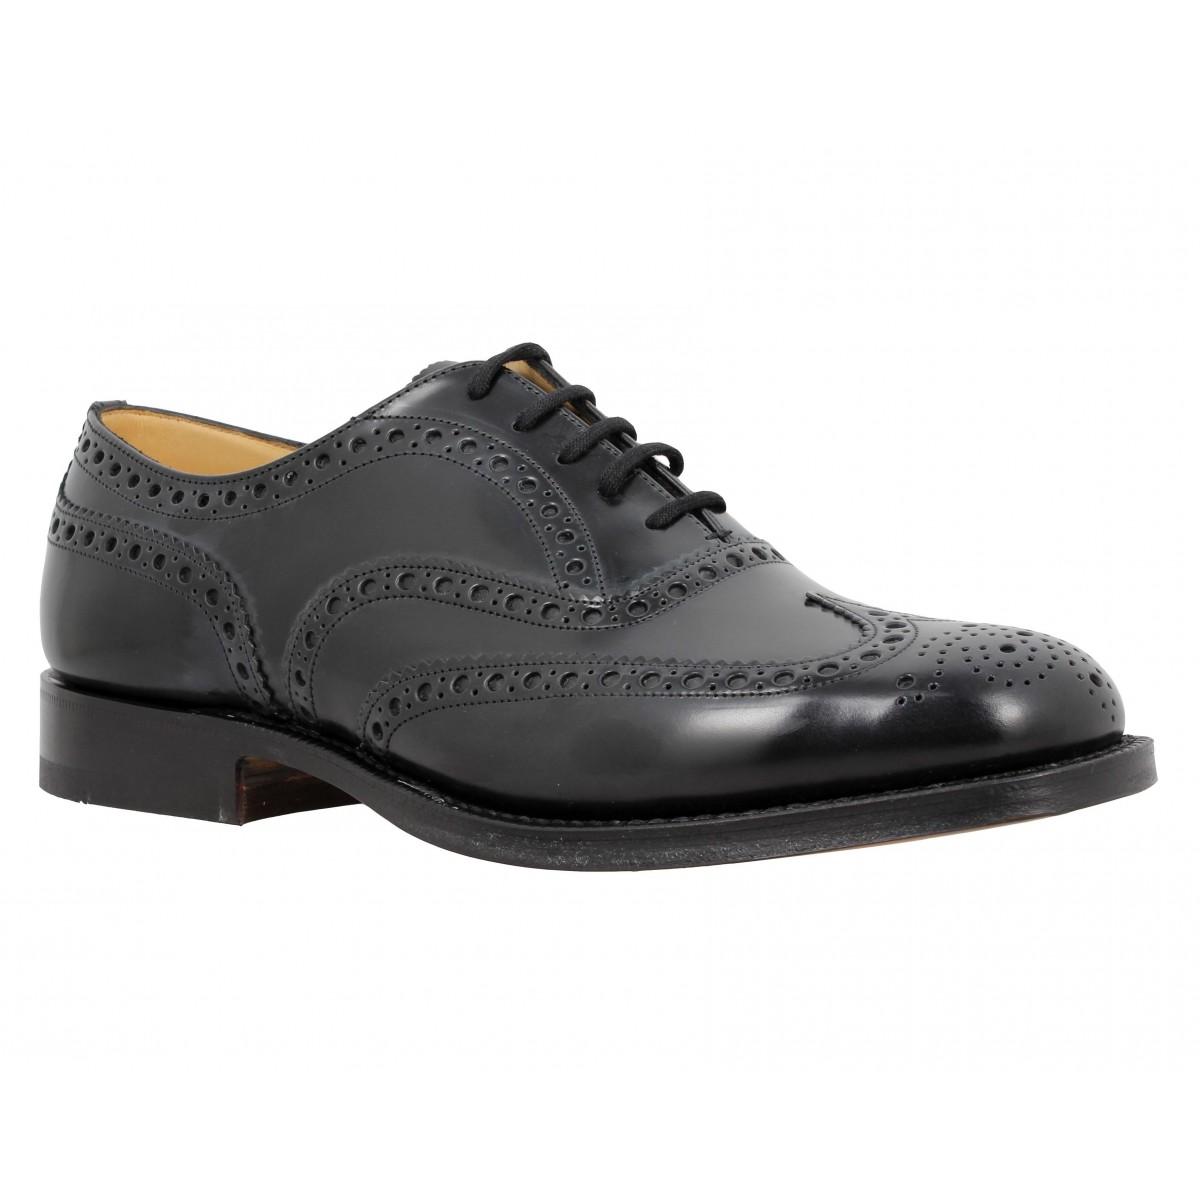 Chaussures à lacets CHURCH'S Burwood cuir Homme Noir